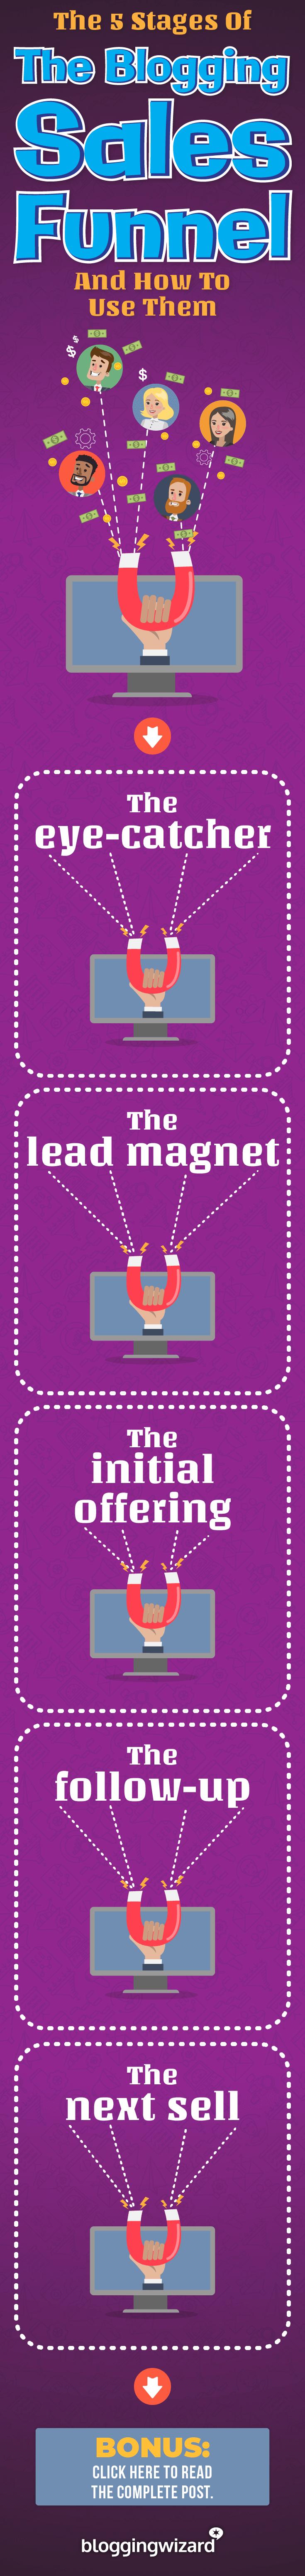 Las 5 etapas del embudo de ventas de blogs y cómo usarlas Pinterest Mini gráfico